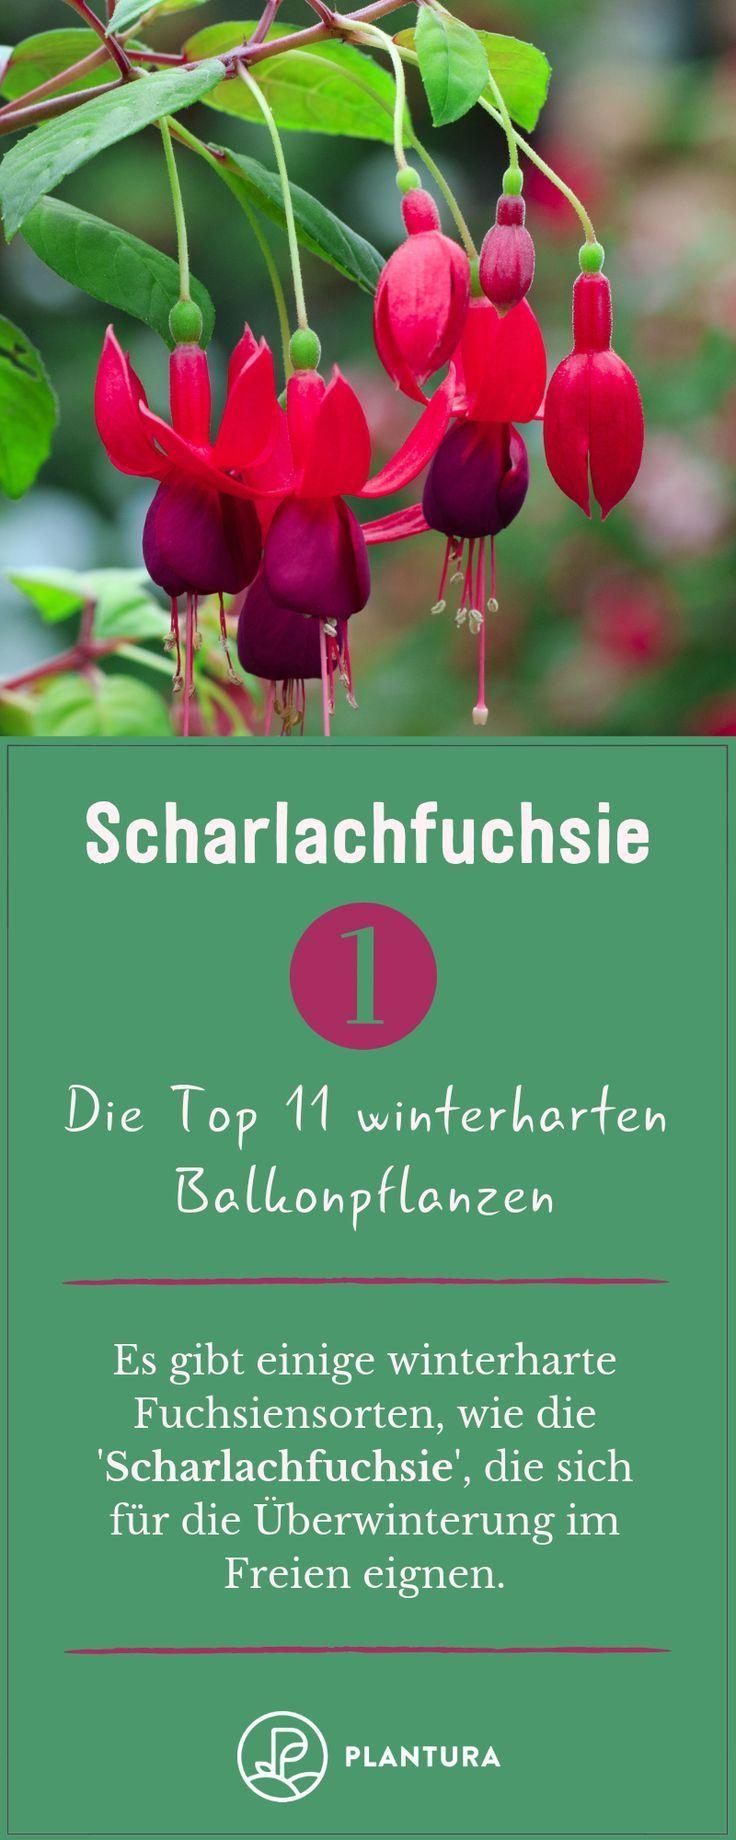 Winterharte Balkonpflanzen: Die Top 11 für Ihren Balkon - #Balkon #Balkonpflanz #kletterpflanzenwinterhart